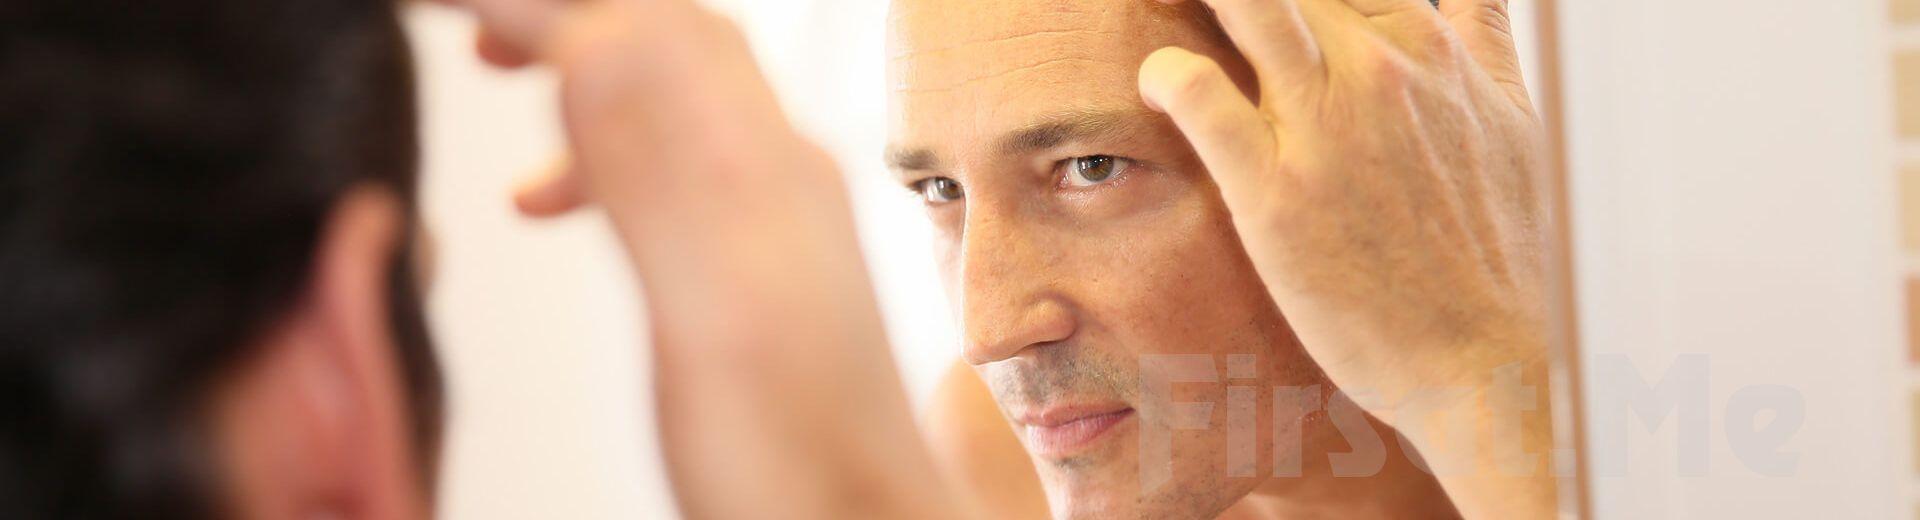 Medica Hair Transplant ile Saç Mezoterapisi Uygulaması ile Saç Dökülme Sorununuza Çözüm Fırsatı!